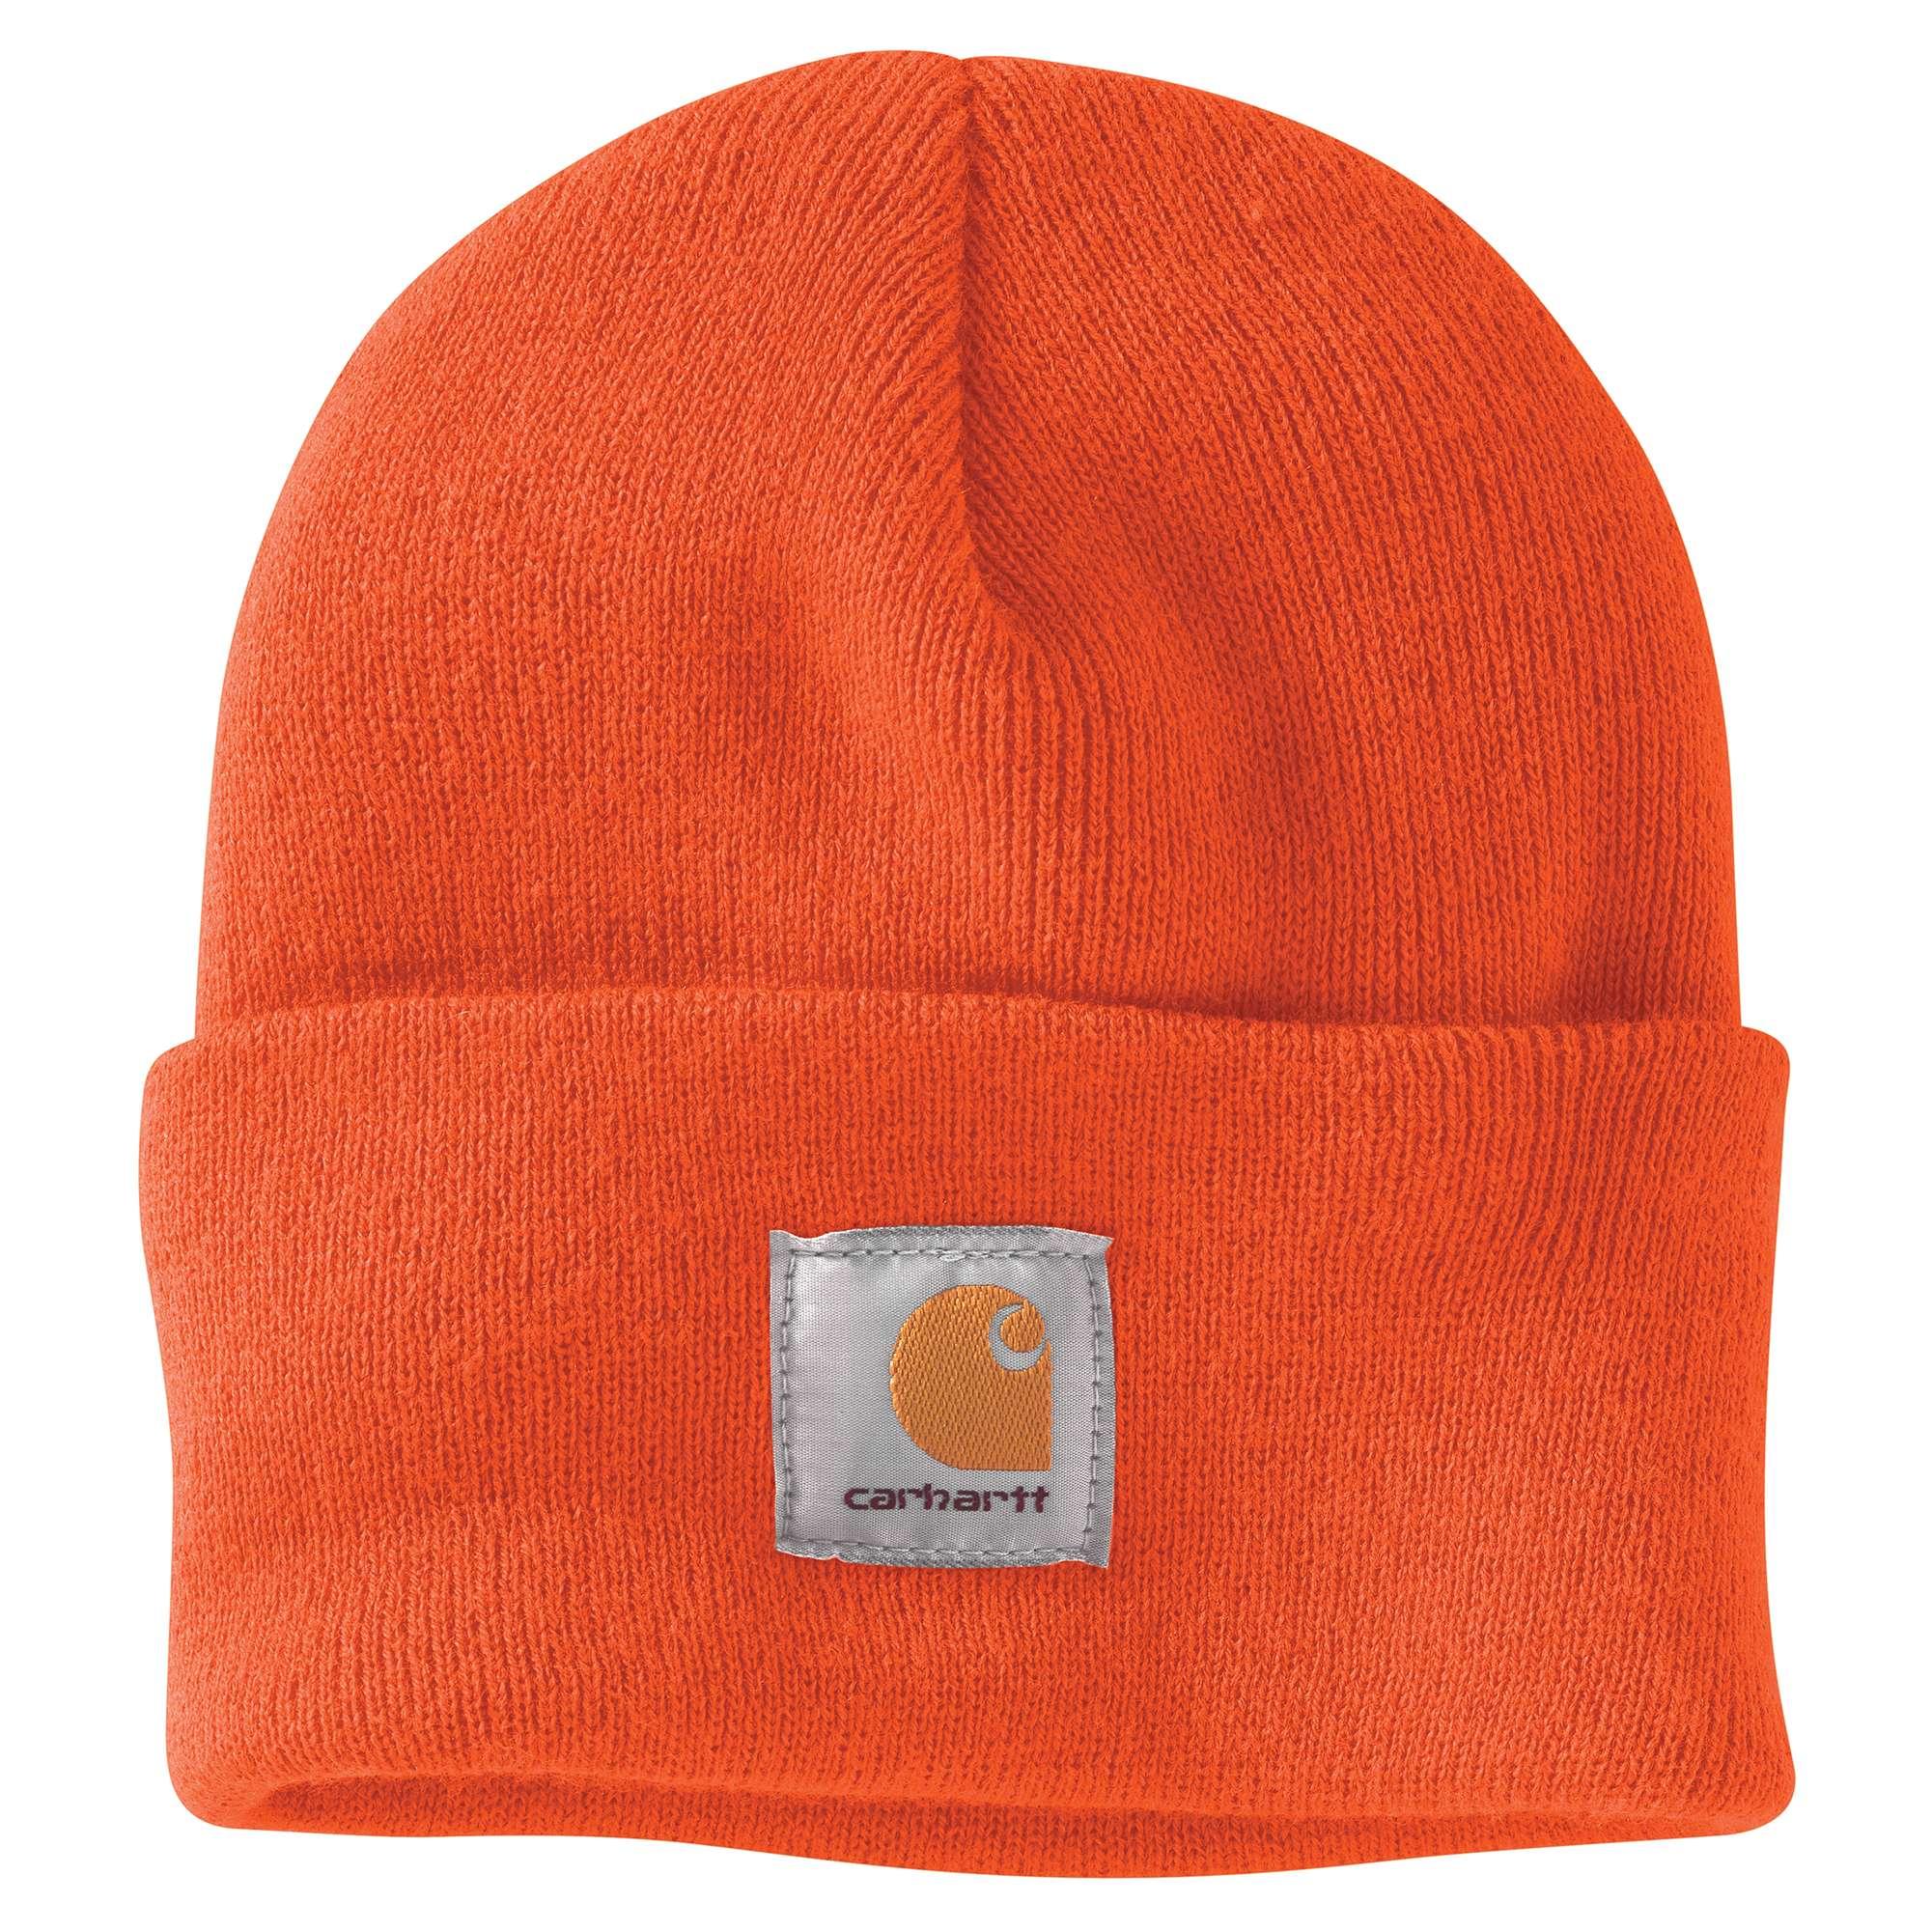 Watch Cap, Orange, swatch